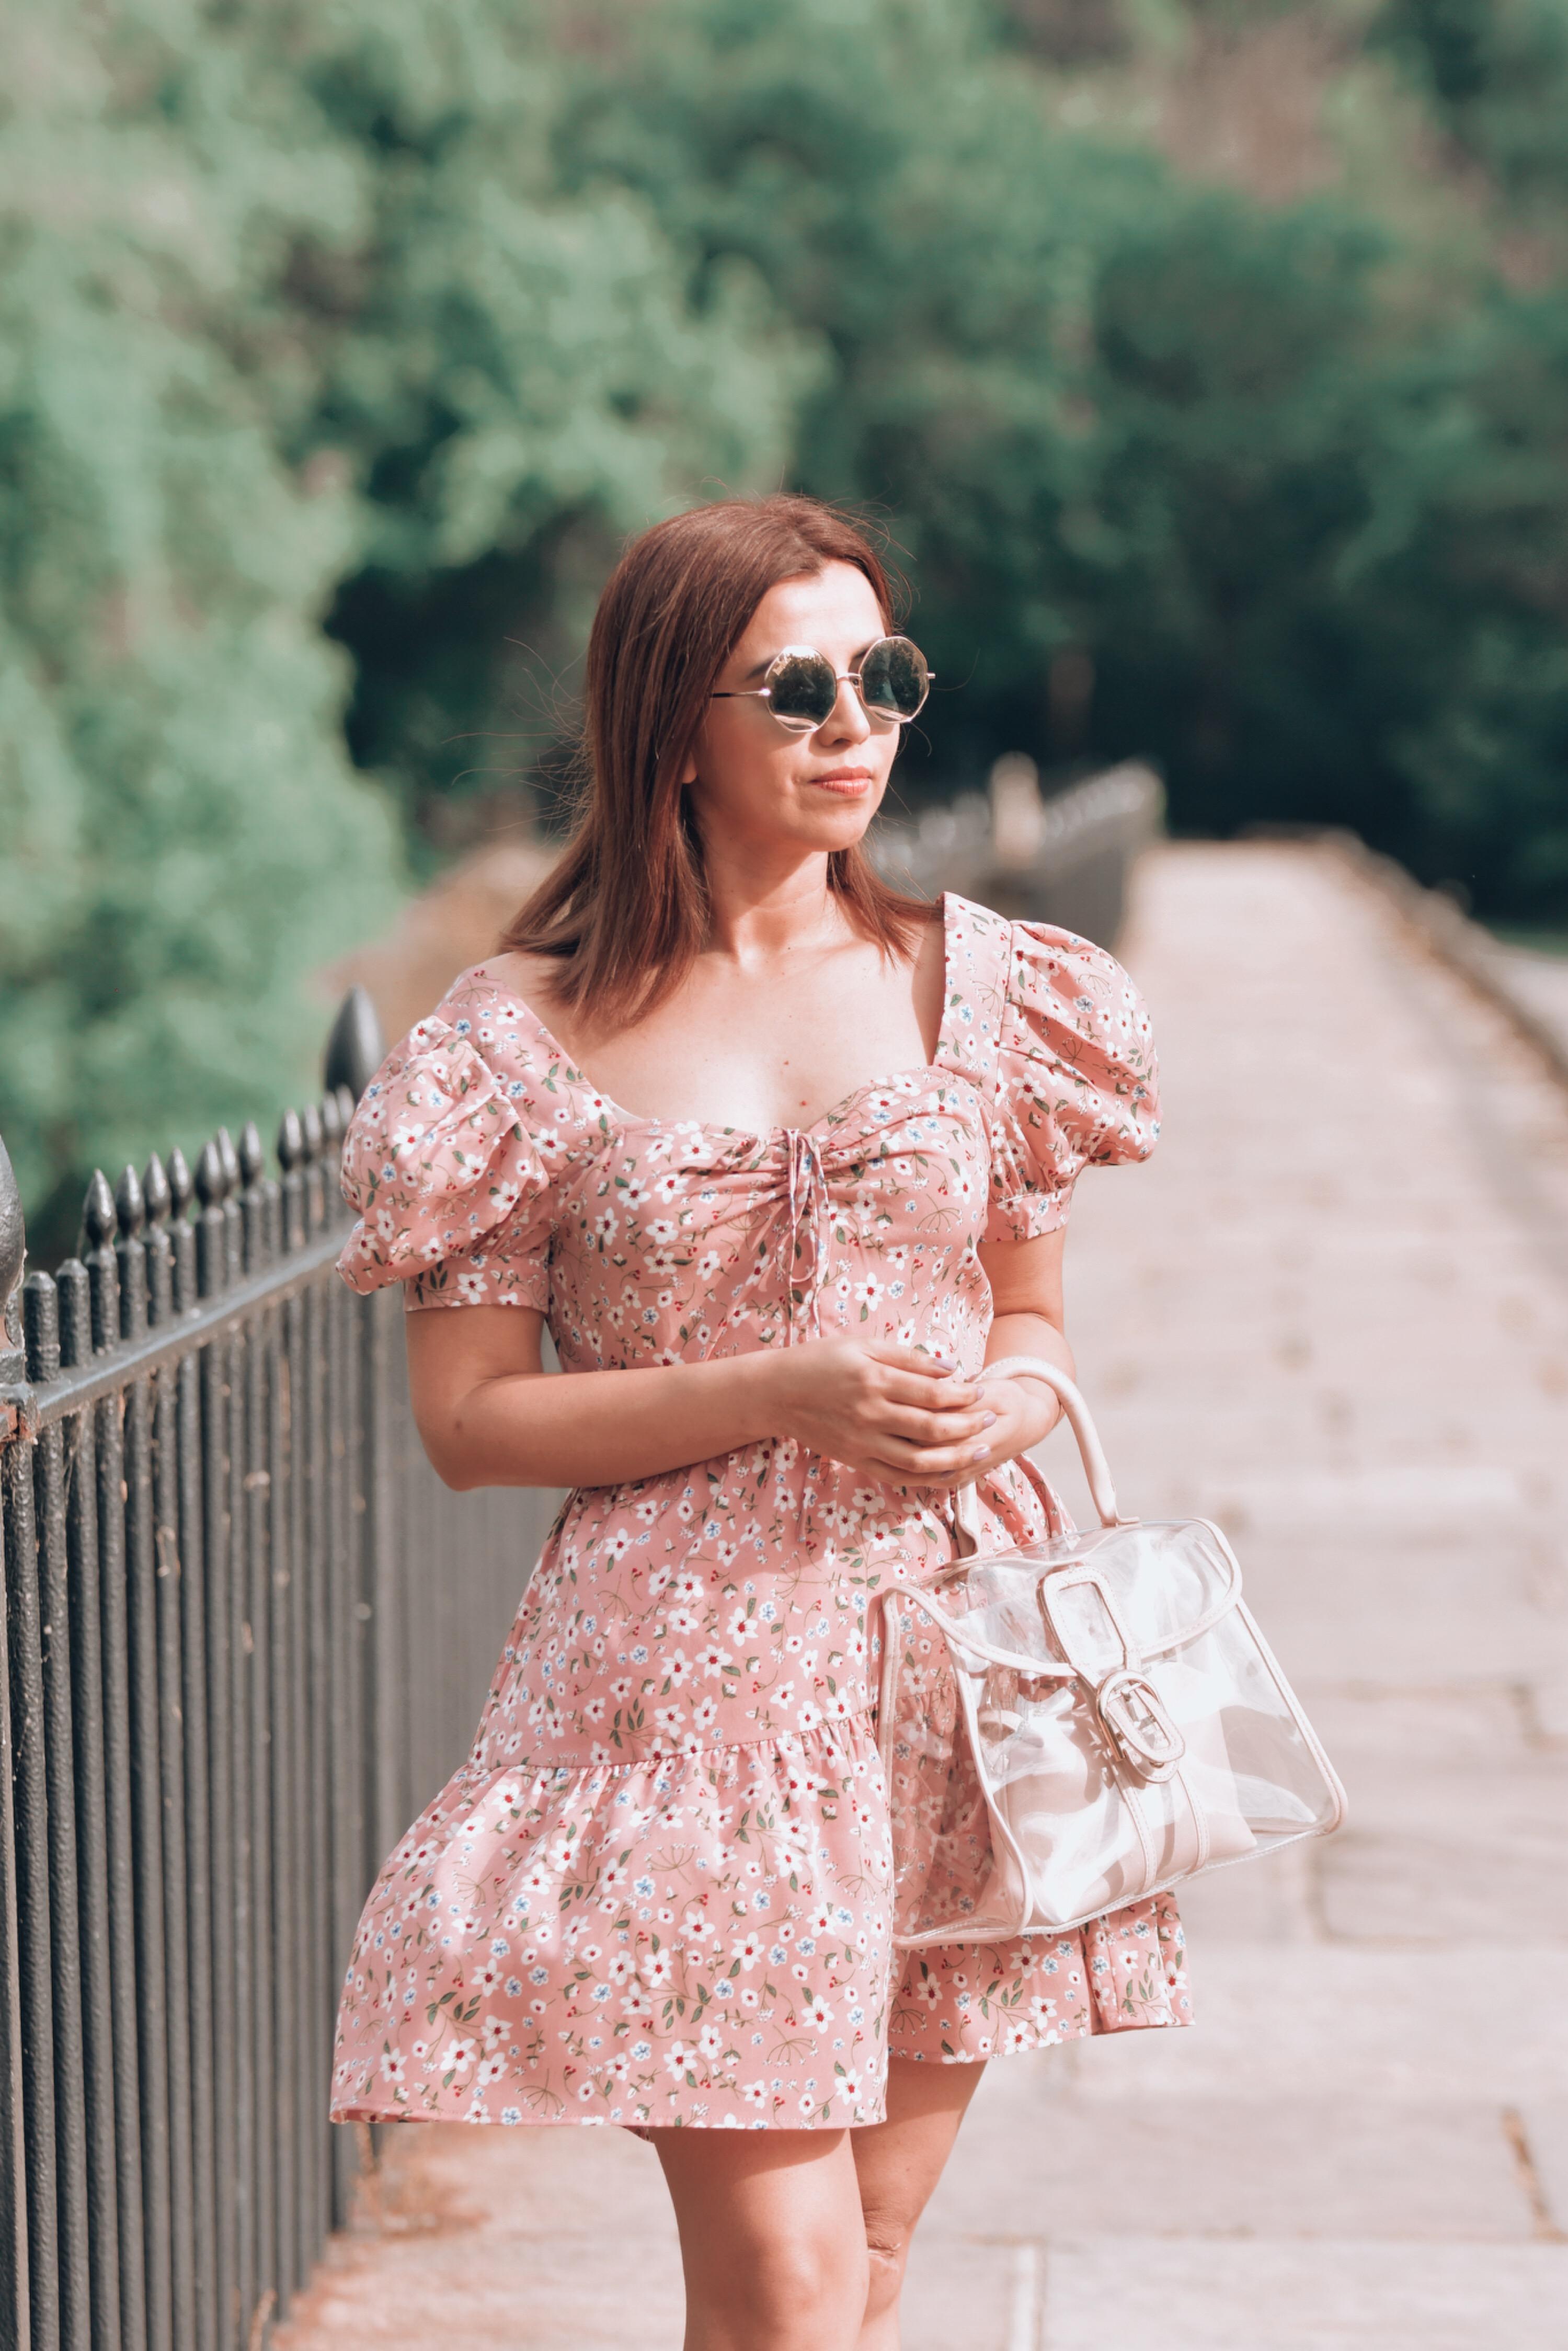 Vestido con estampado floral y dobladillo con volantes en el frente by Mari Estilo-como crear outfits desde cero-como combinar vestidos de verano-vestidos de verano corto-marisolflamenco-crear outfits-como verte siempre arreglada-